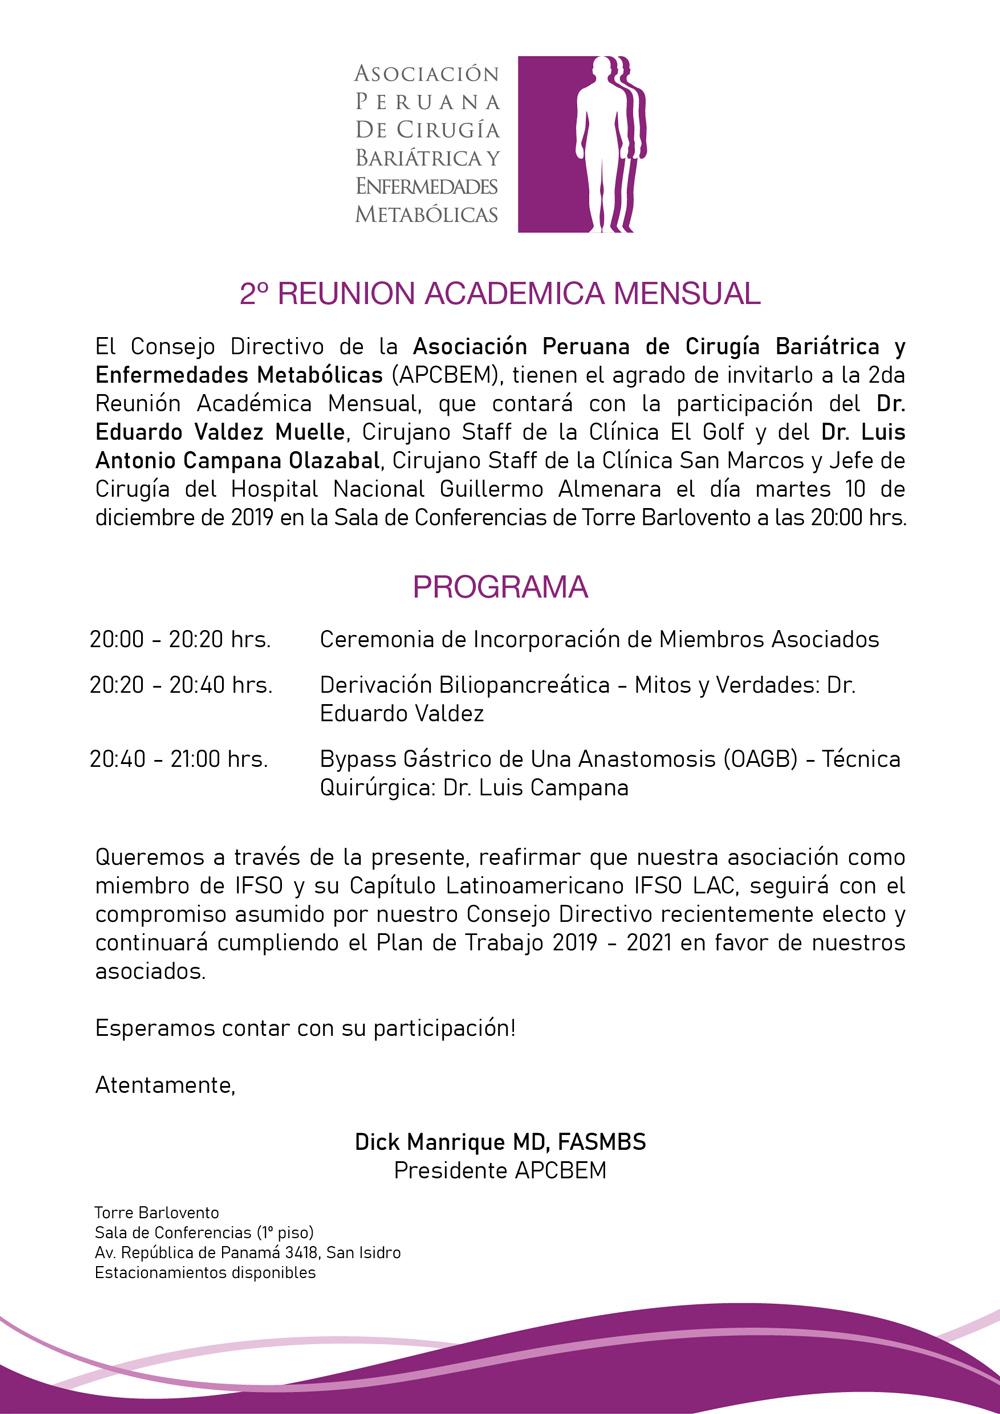 2da Reunión Académica Mensual